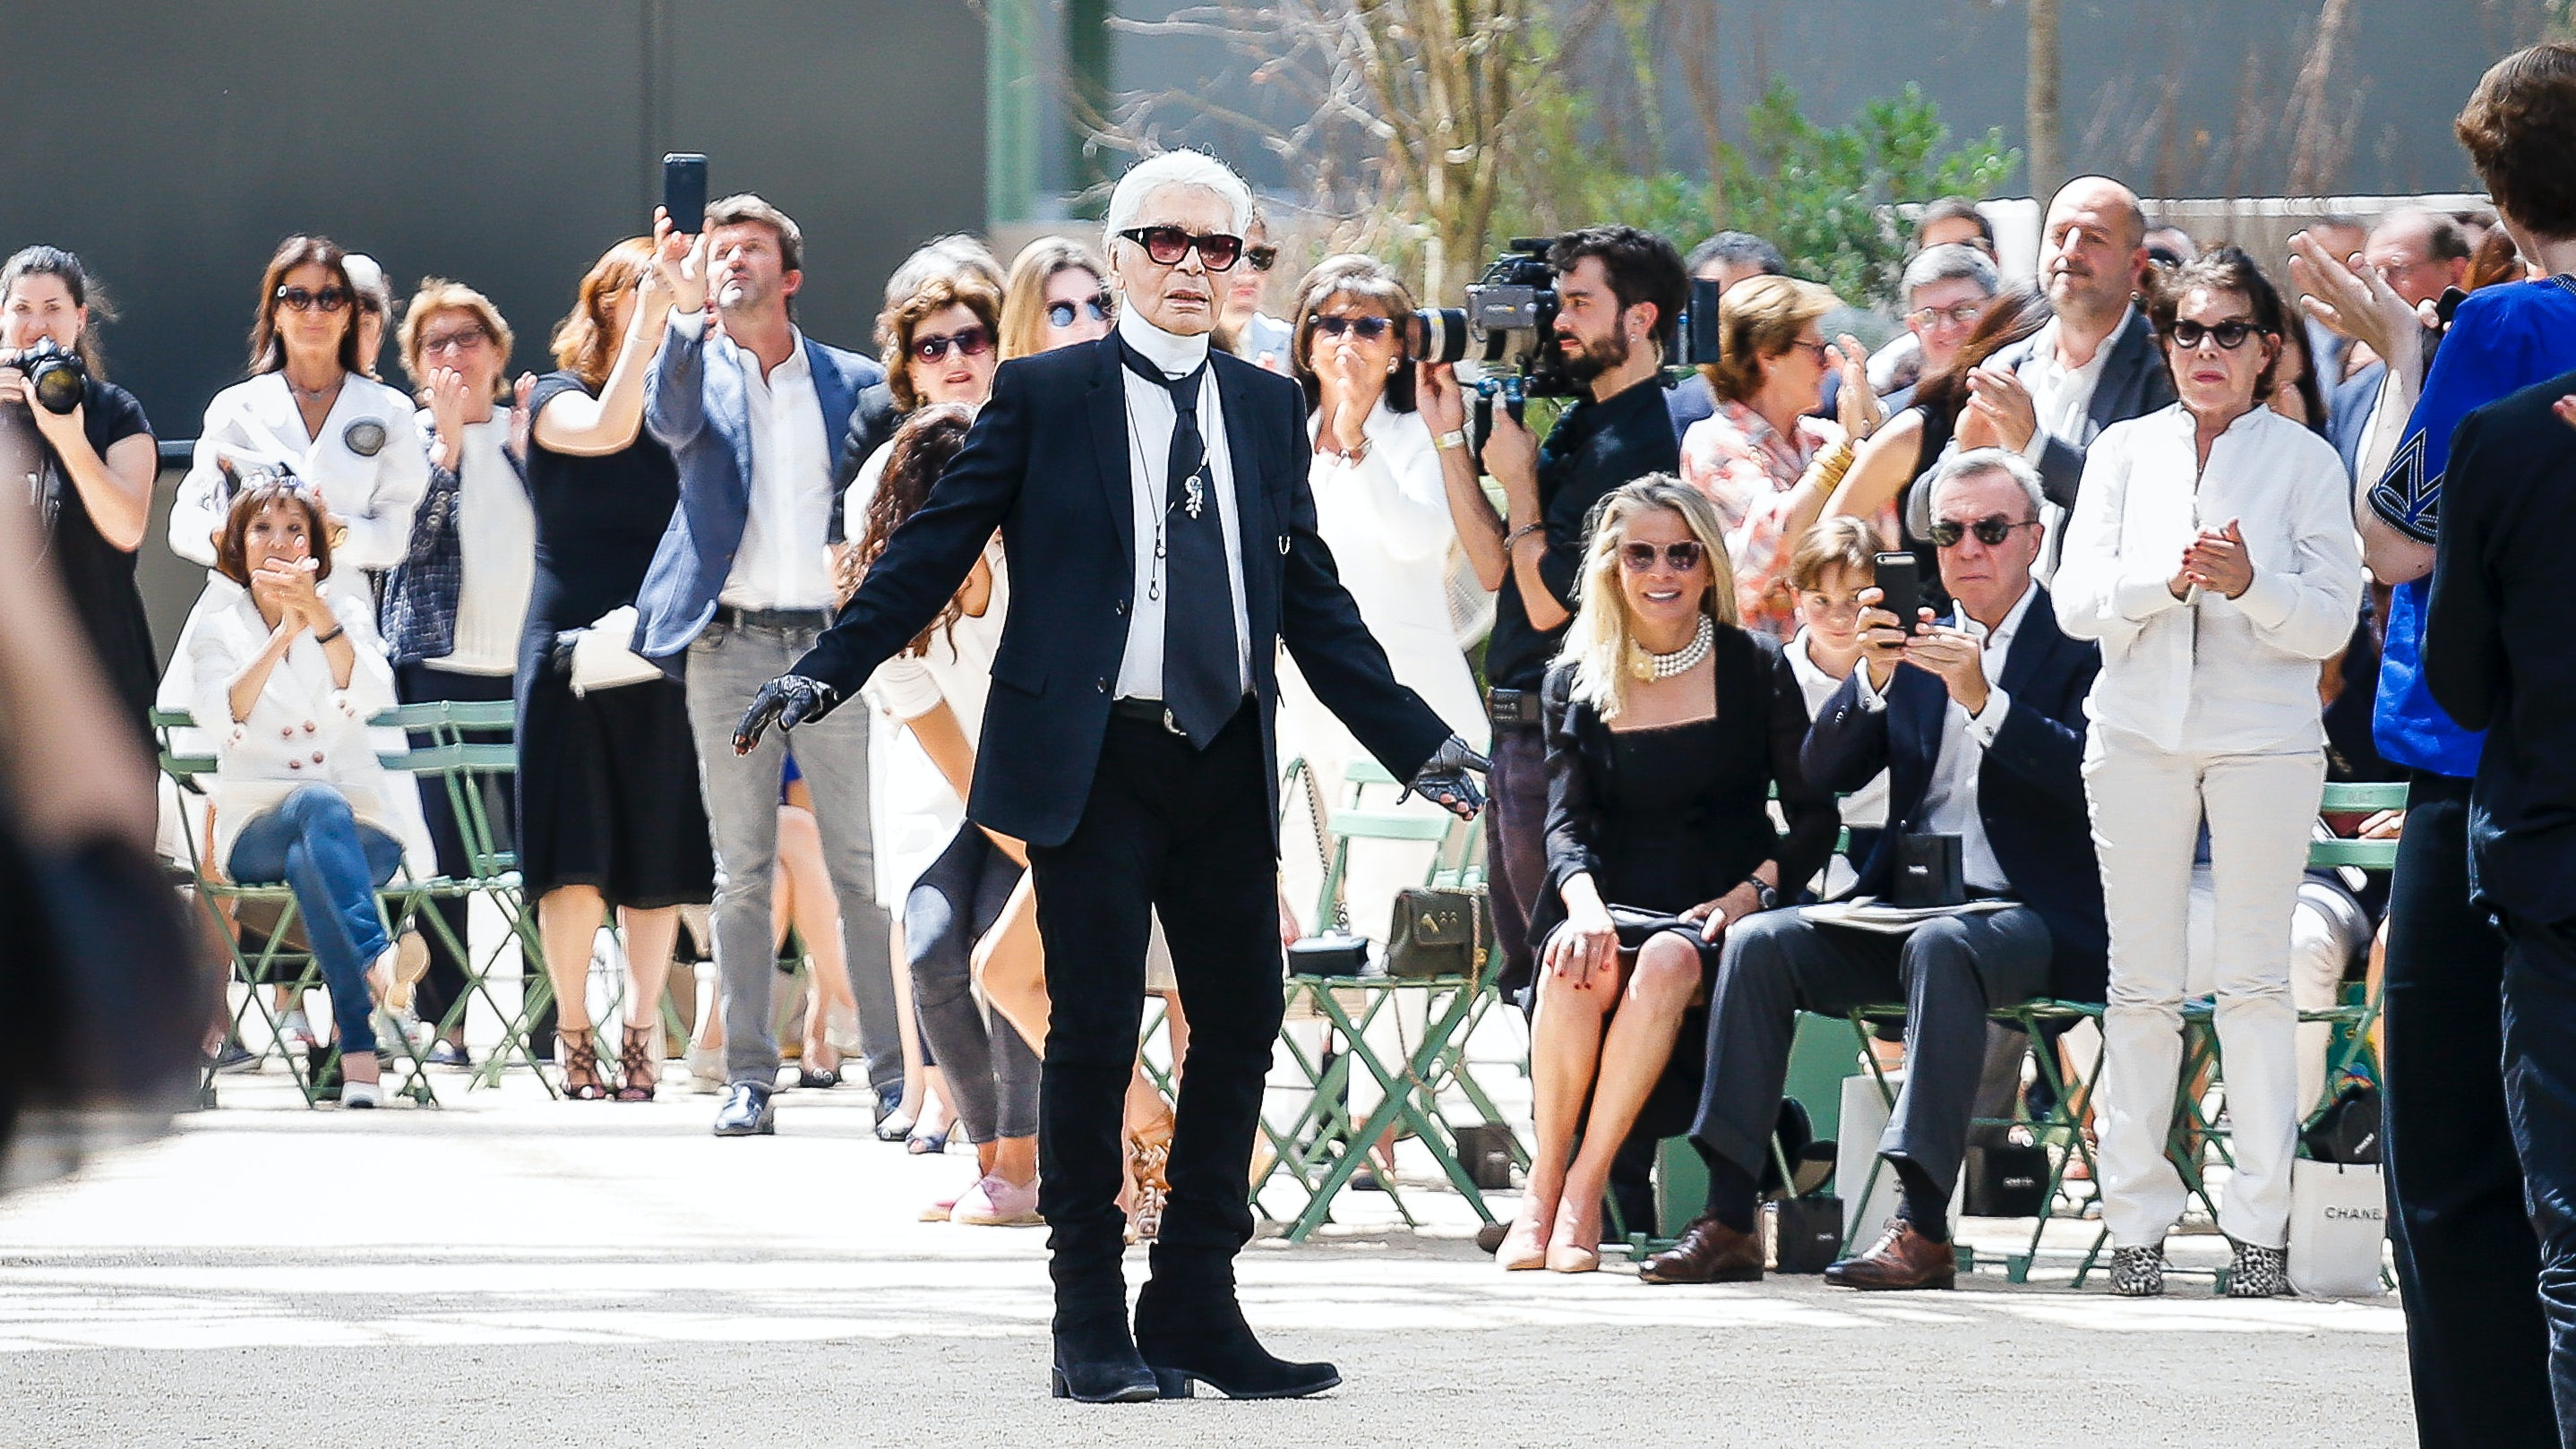 Karl Lagerfeld Dies in Paris